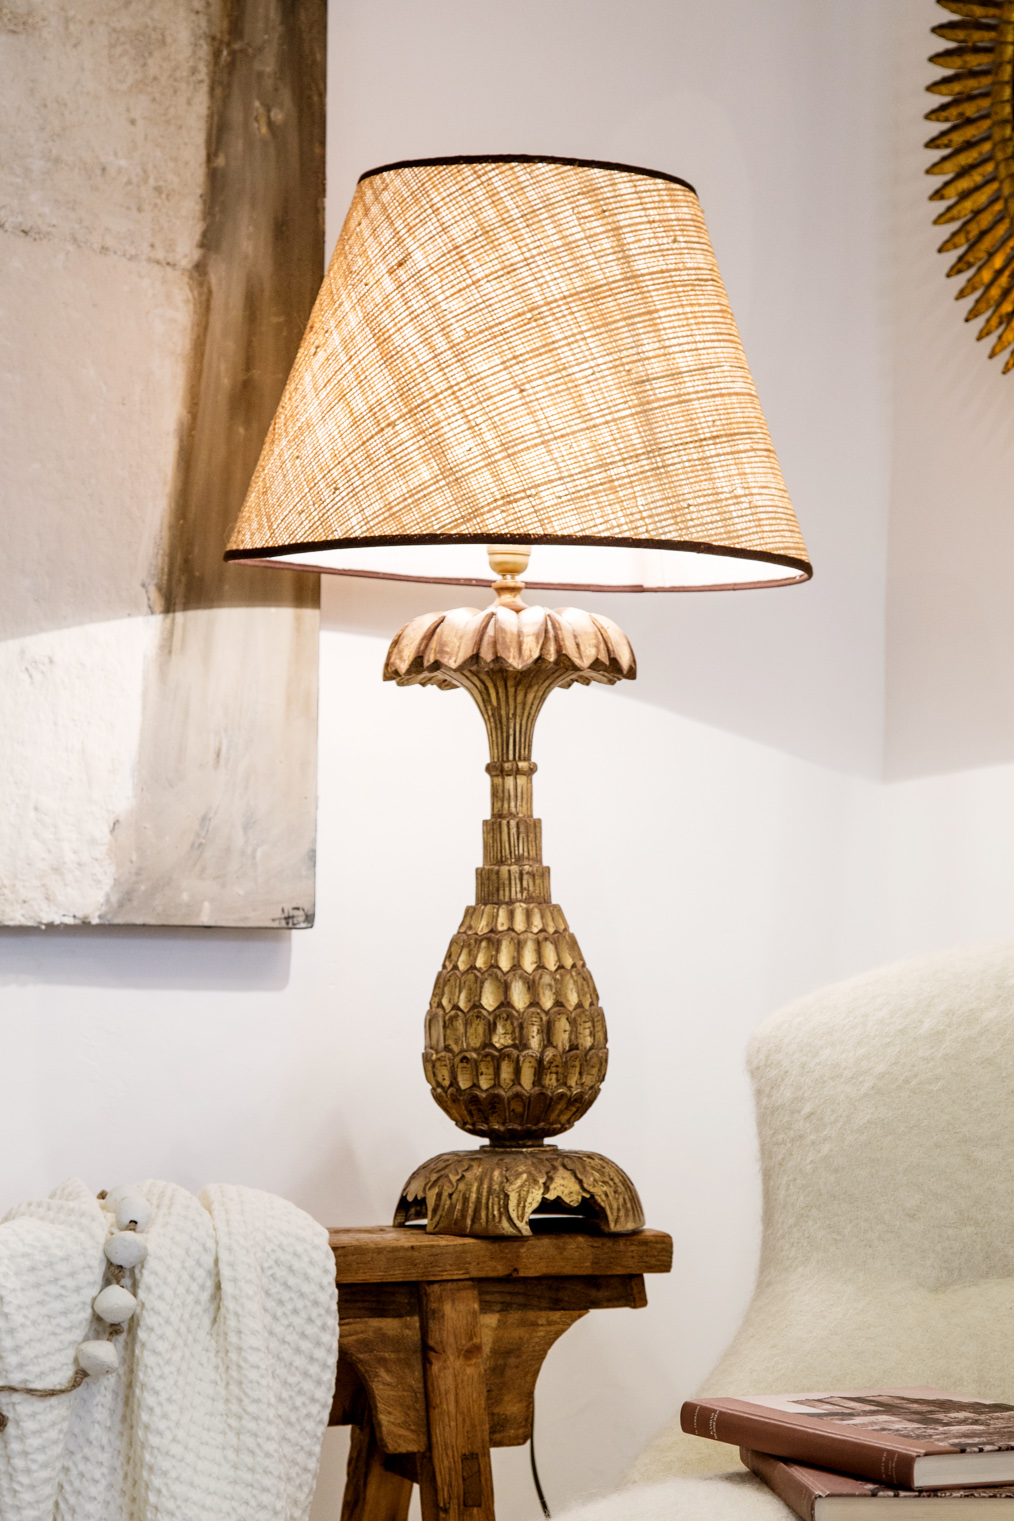 Lampe de table en bois sculpté, finition doré mat, abat-jour en rafia